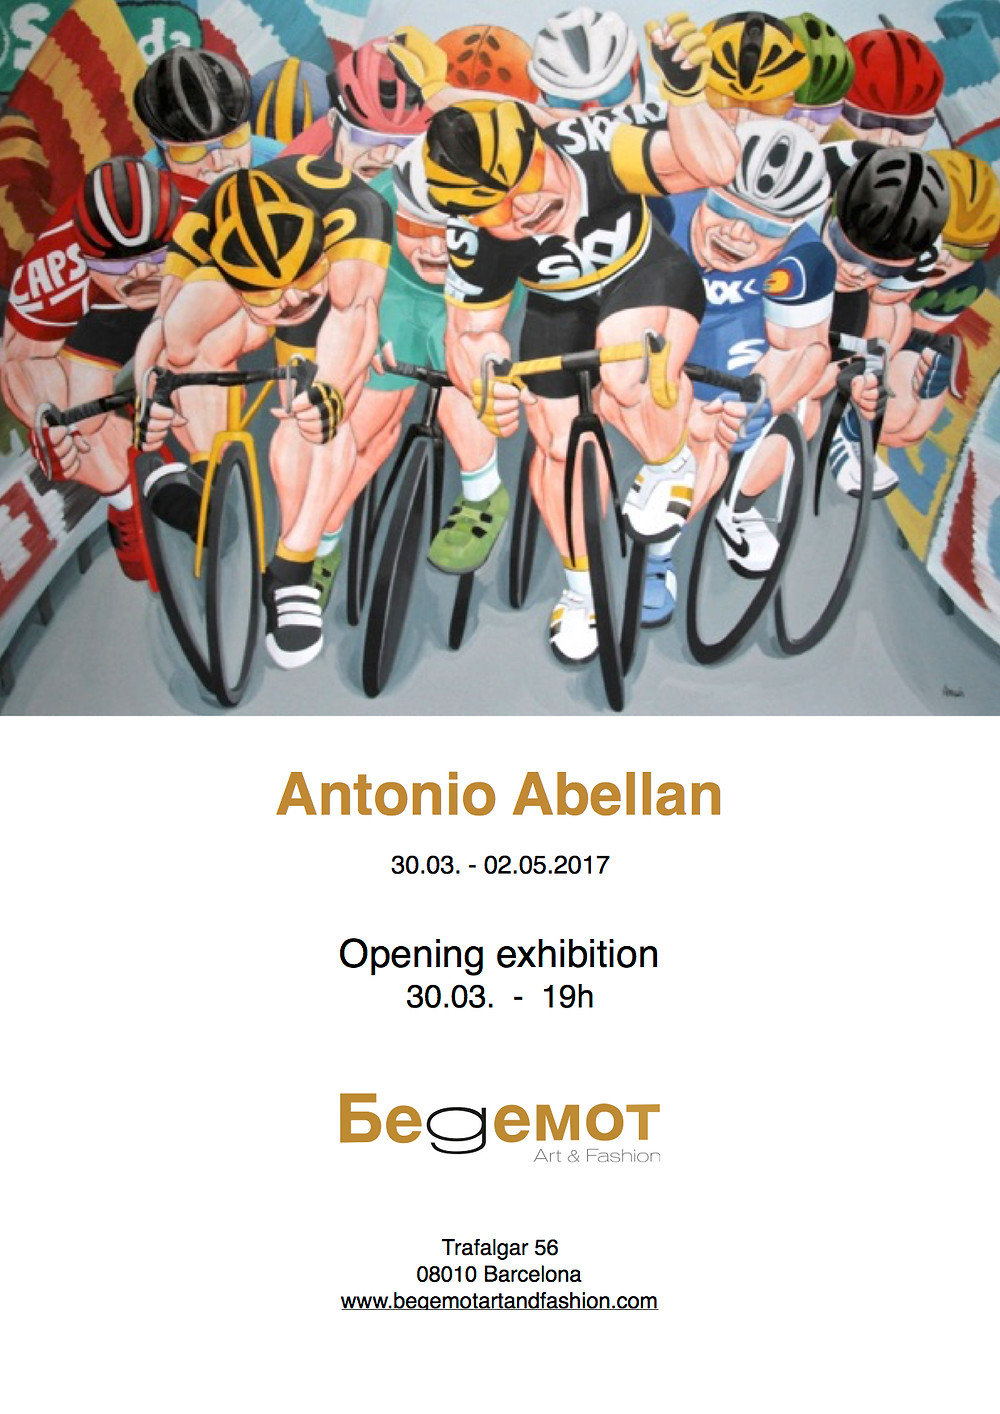 Exposición Antonio Abellan del 30.03 al 2.05 en Begemot Art & Fashion